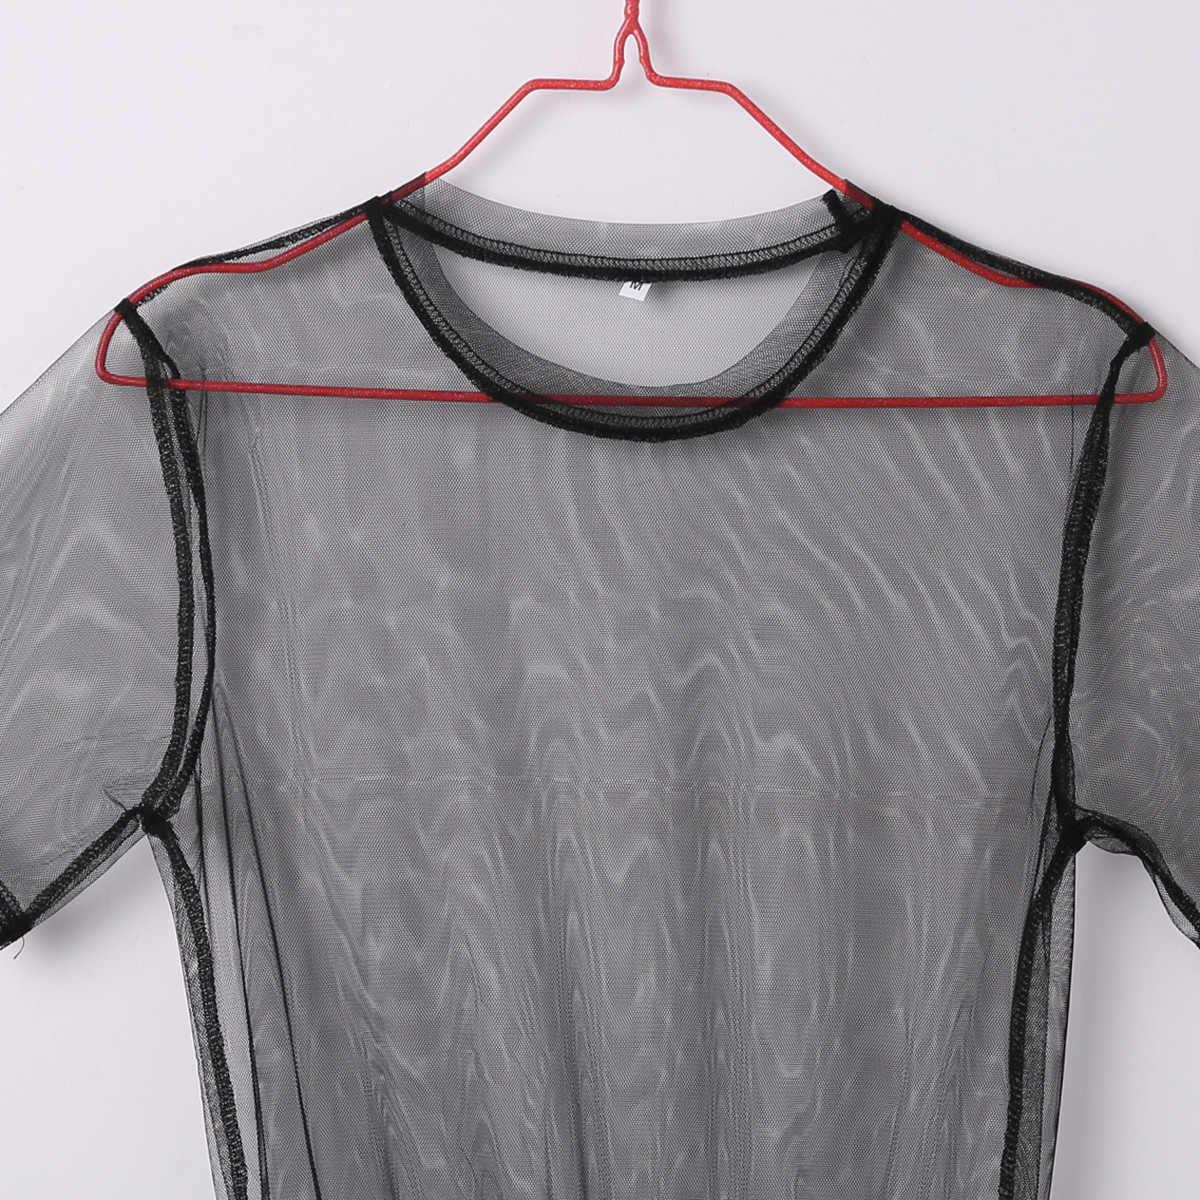 الصيف Volie شبكة فساتين المرأة انظر من خلال الأسود الشاش شبكة فستان الشمس نصف كم الدانتيل مثير أبلى 1-قطعة الصيف